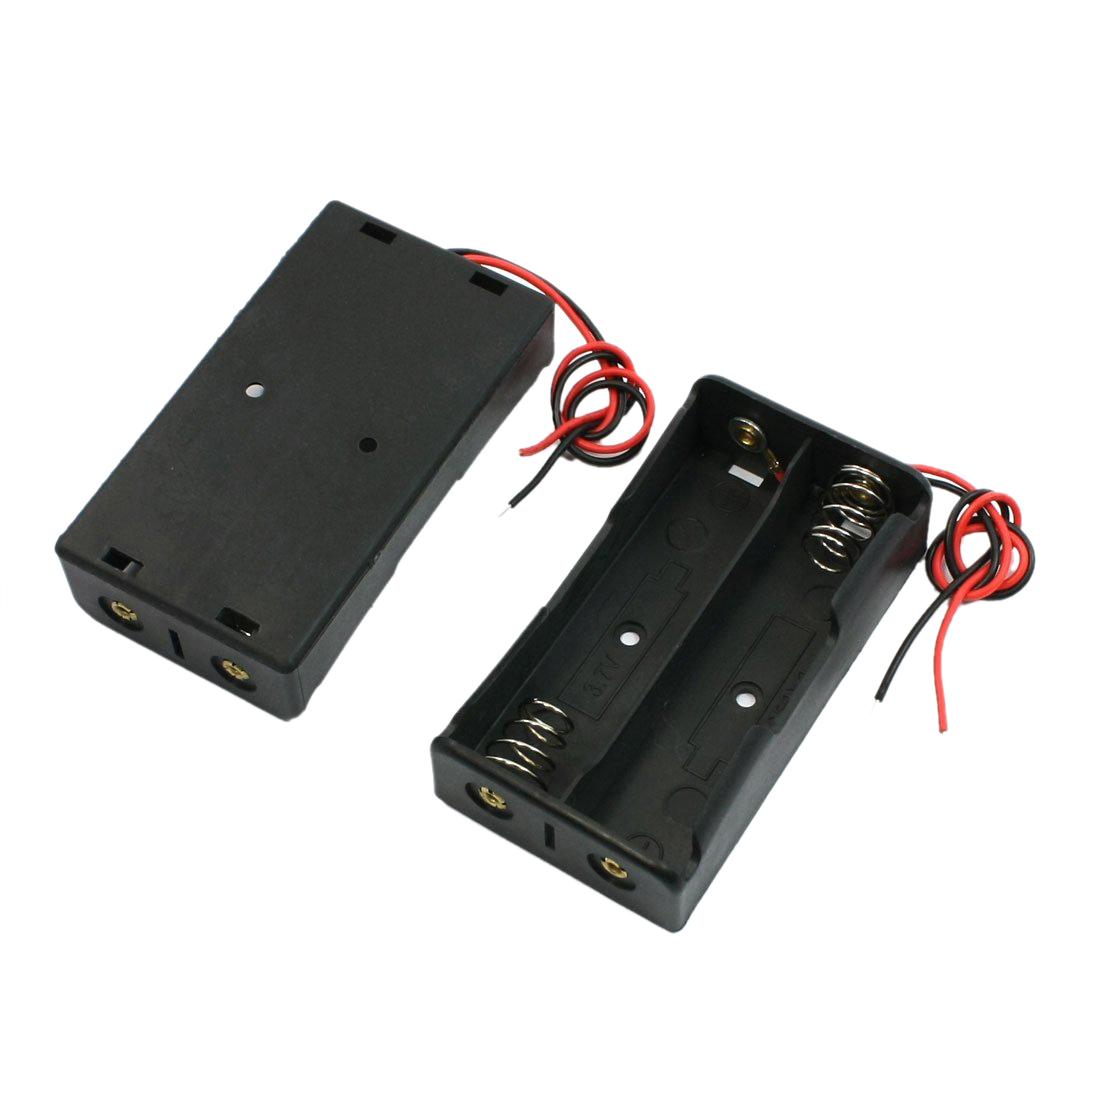 2 Stk. Schwarz 2 x 18650 3.7V Batteriehalter Kasten Box mit ...